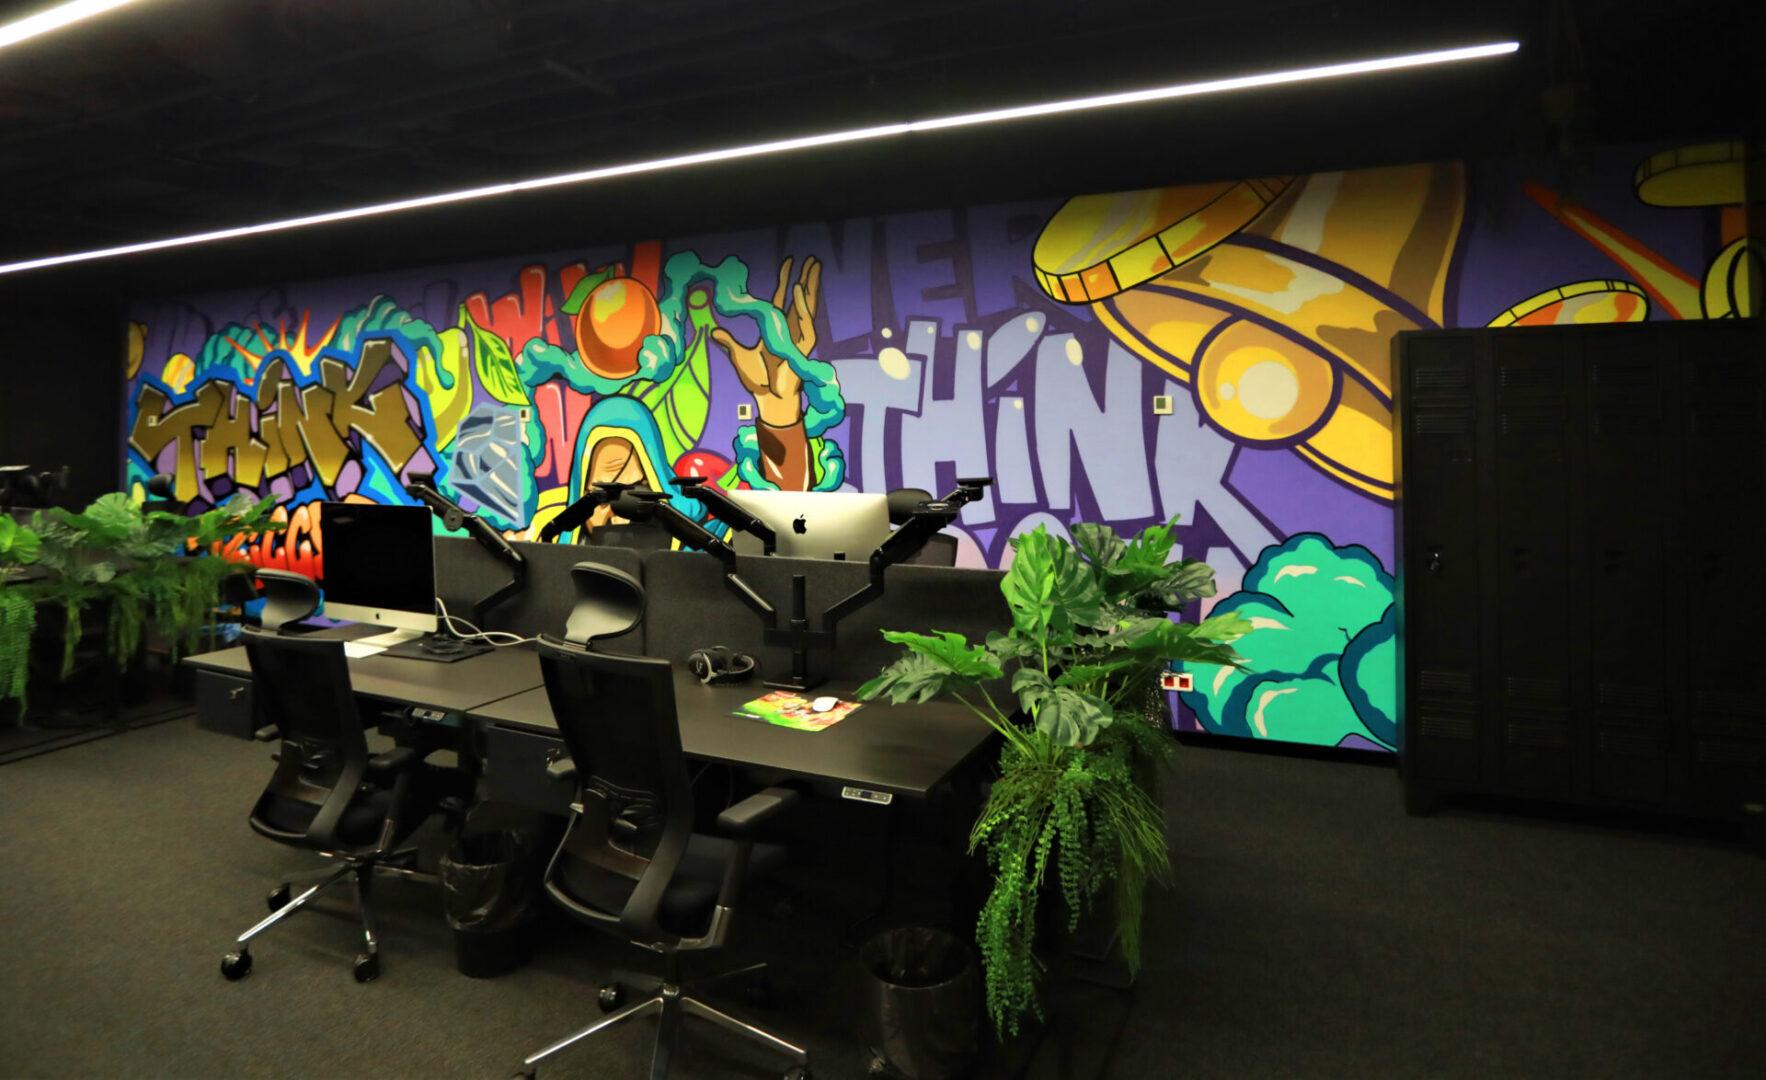 Художественное оформление офиса IT компании рисунок колокола